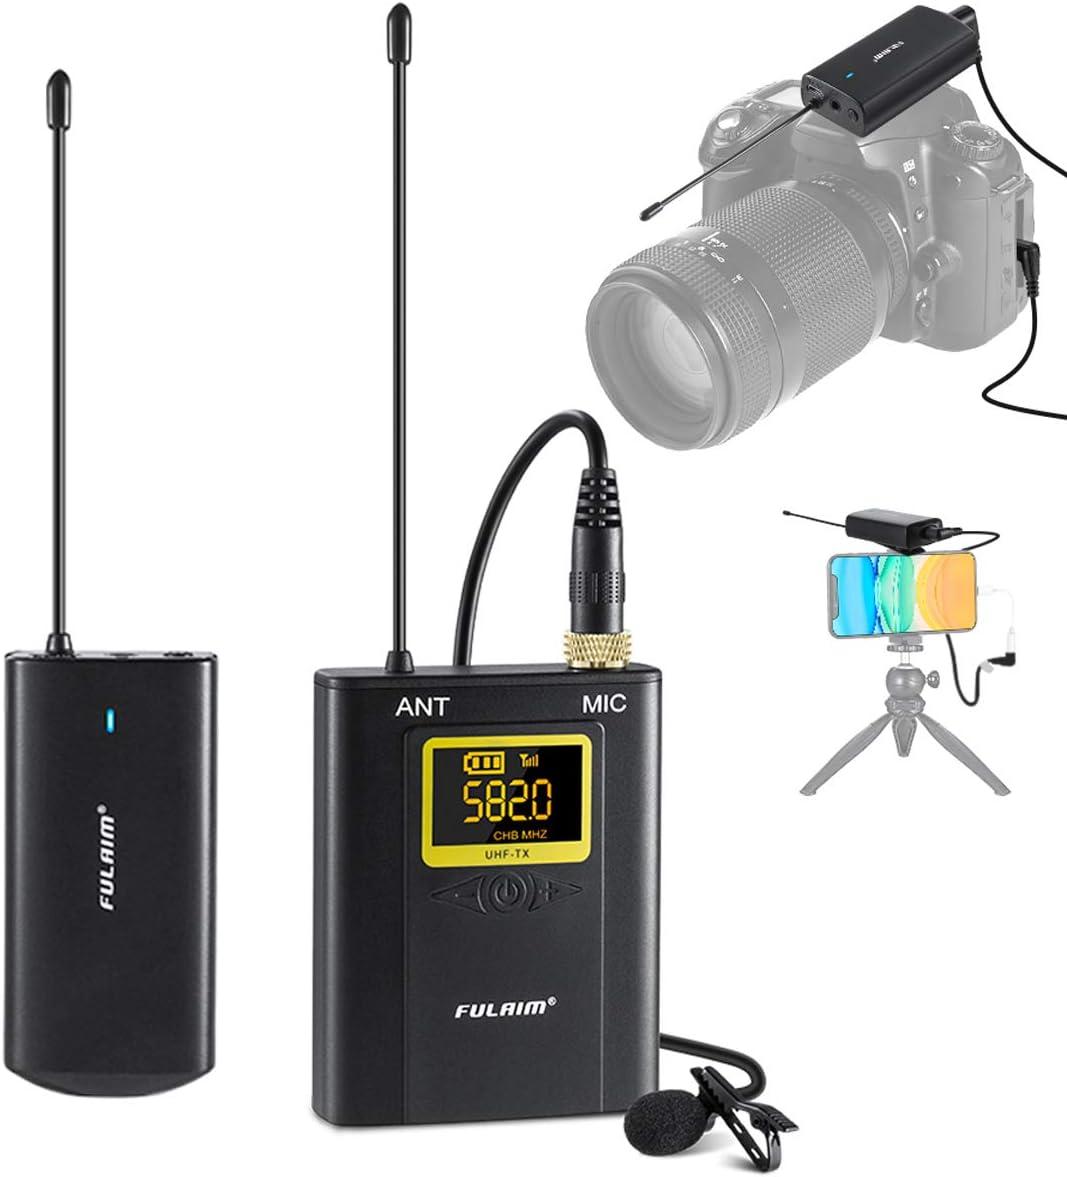 FULAIM WM300 Sistema de Micrófono Lavalier Inalámbrico Omnidireccional UHF de 20 Canales para iPhone Android Smartphone, Grabar Youtube, Entrevista, Estudio, Vídeo - 1TX